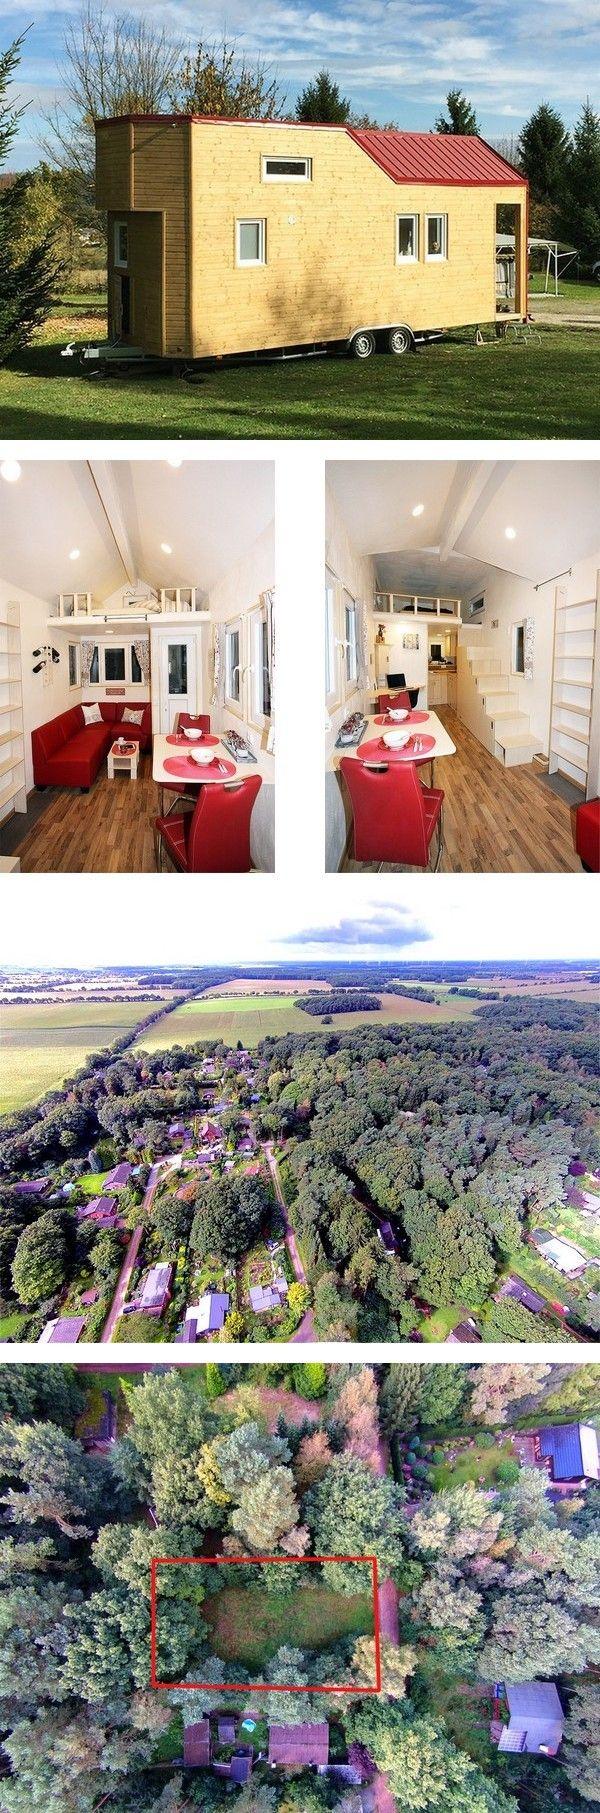 Tiny House U2013 Minihaus Mit Möblierung Und Pachtgrundstück Im Cuxland  Zwischen Nordsee, Elbe Und Weser